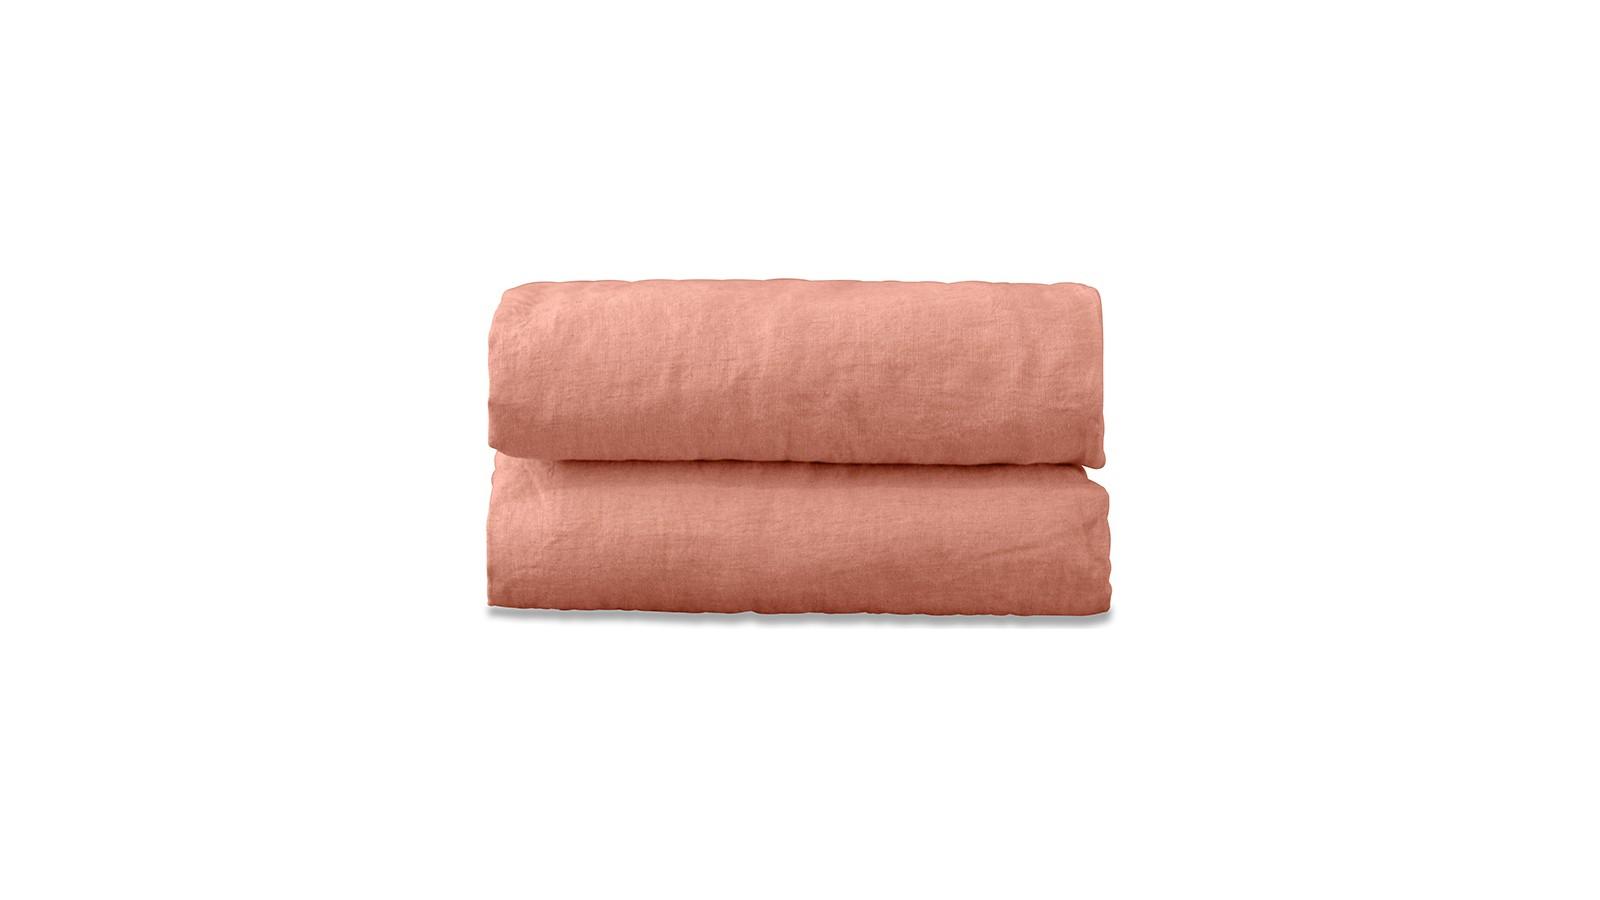 Drap housse 2 personnes en lin lavé uni Rose Melba